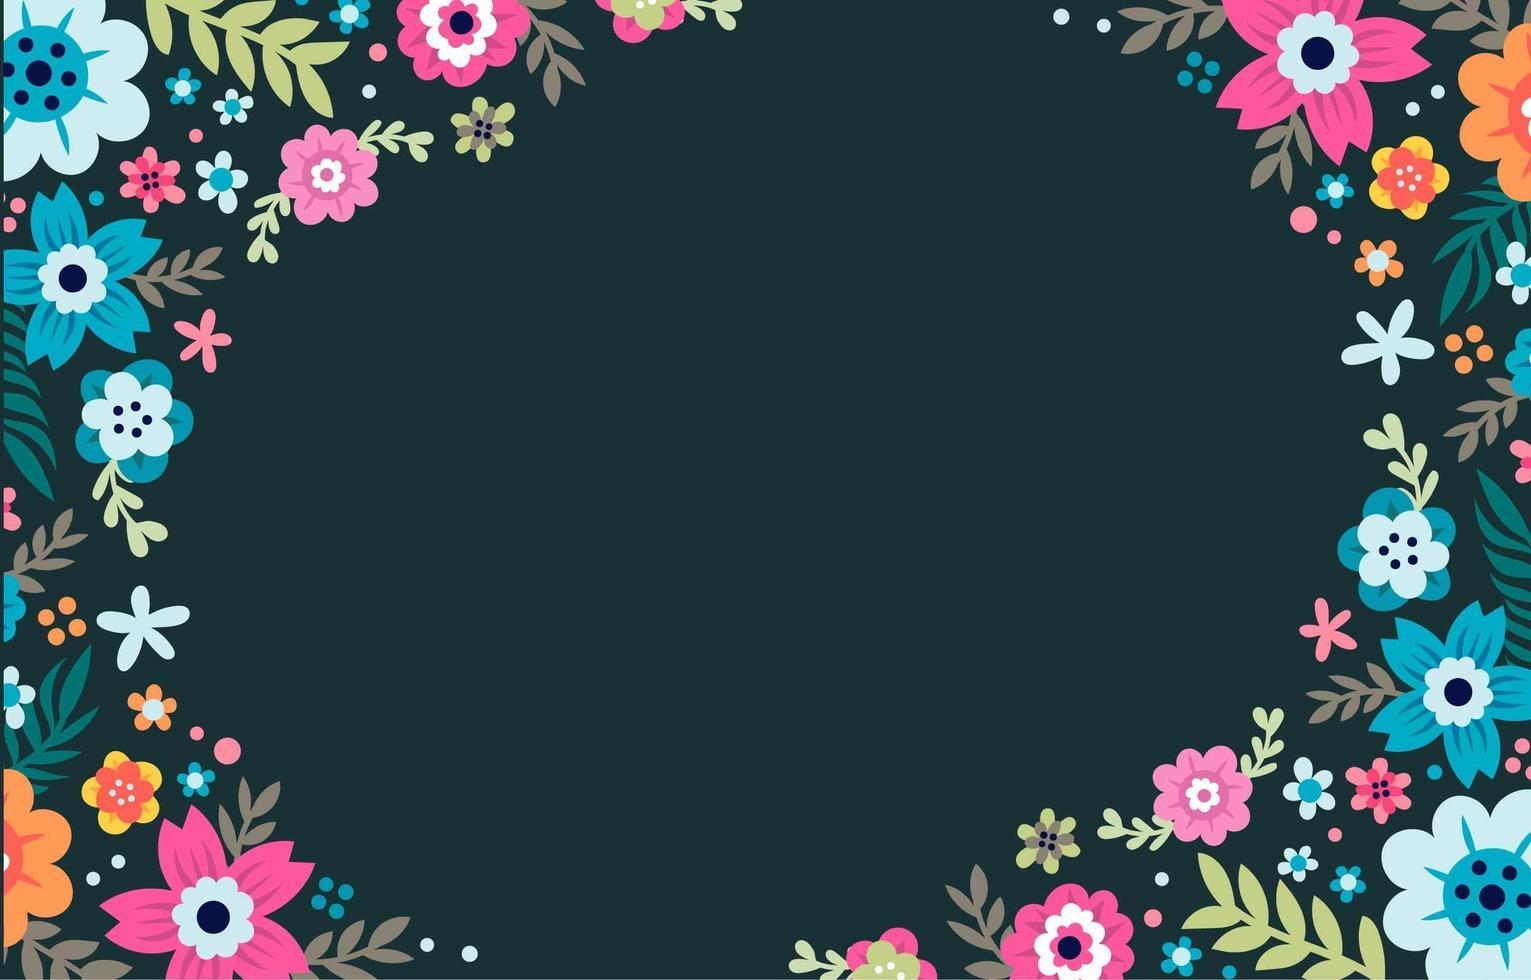 sfondo colorato cornice floreale vettore